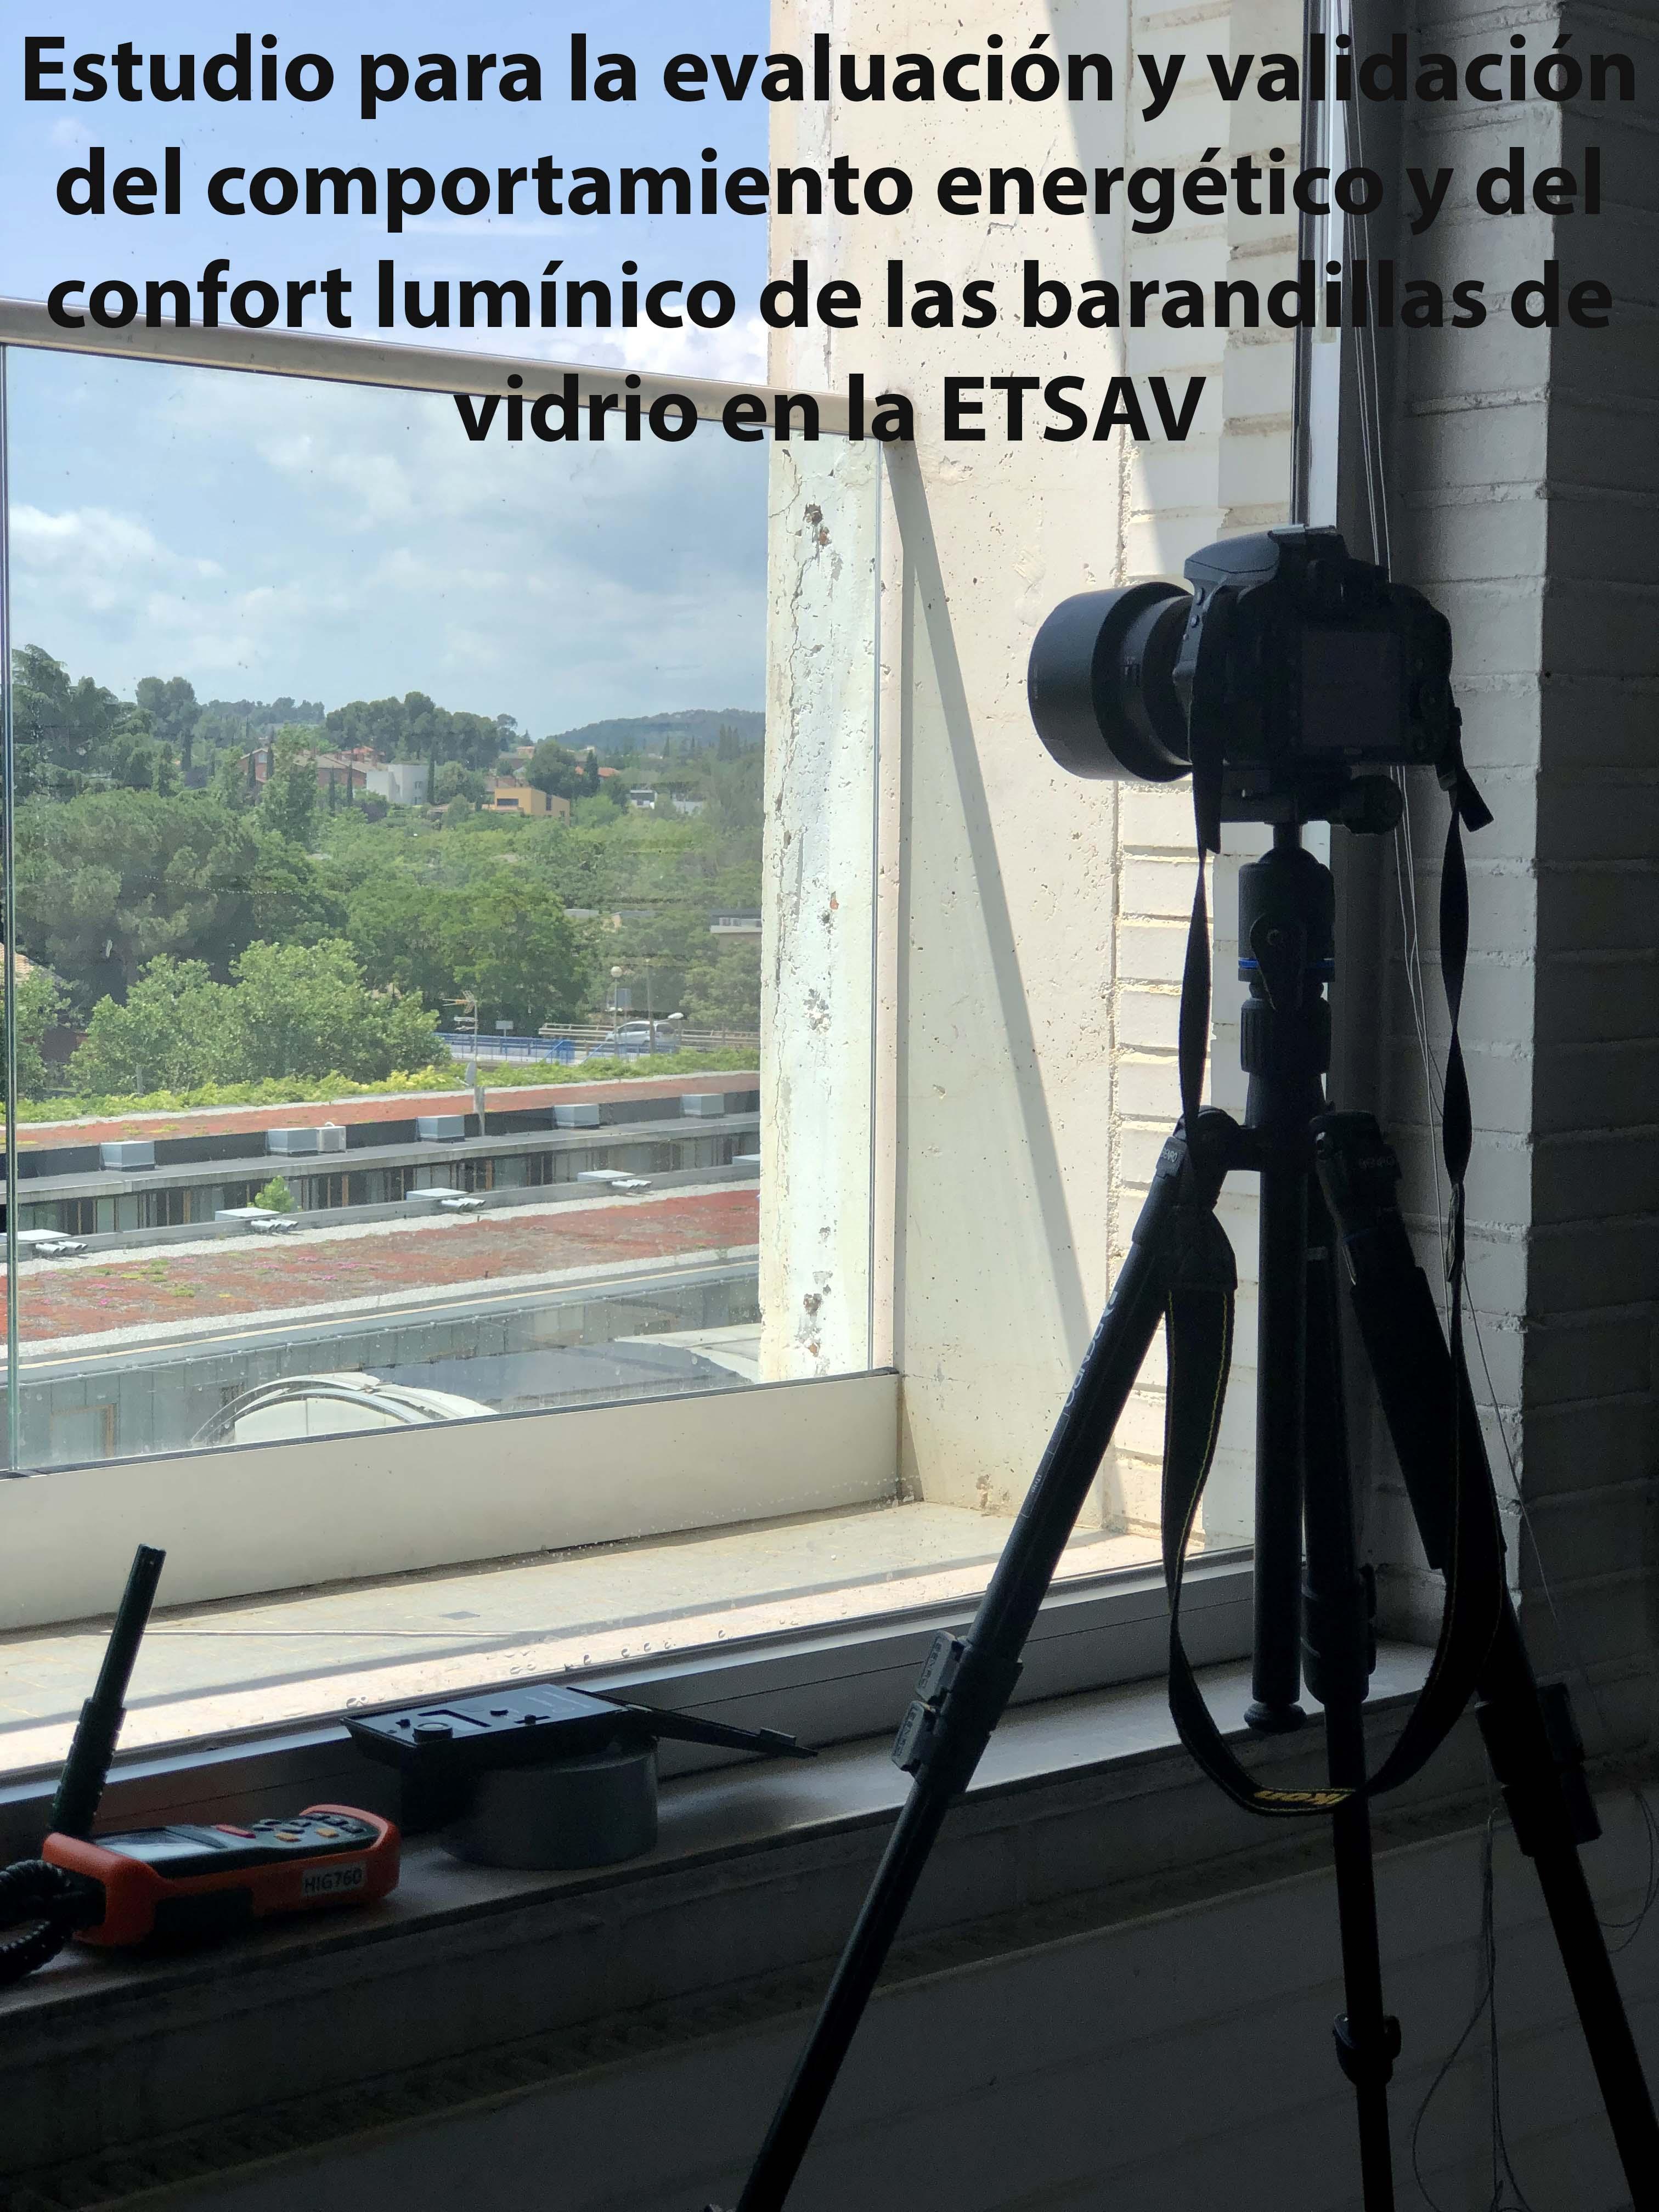 Nueva Investigación en la ETSAV, (abre en ventana nueva)